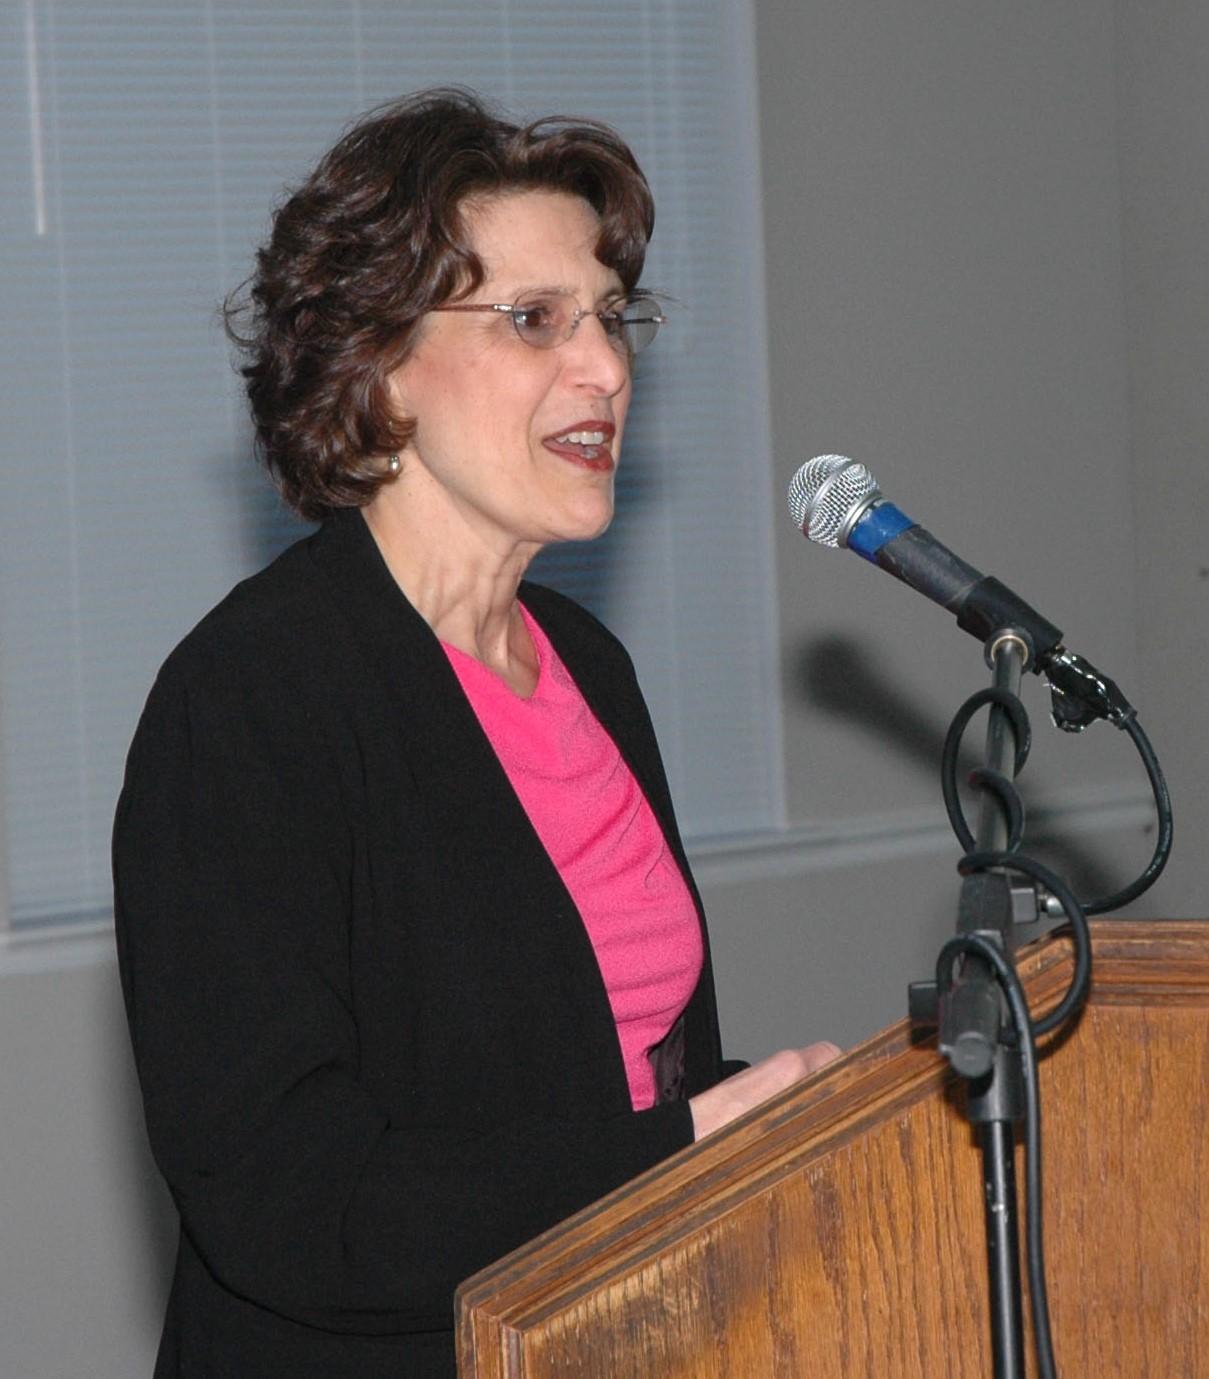 Speaker Ann Macheras